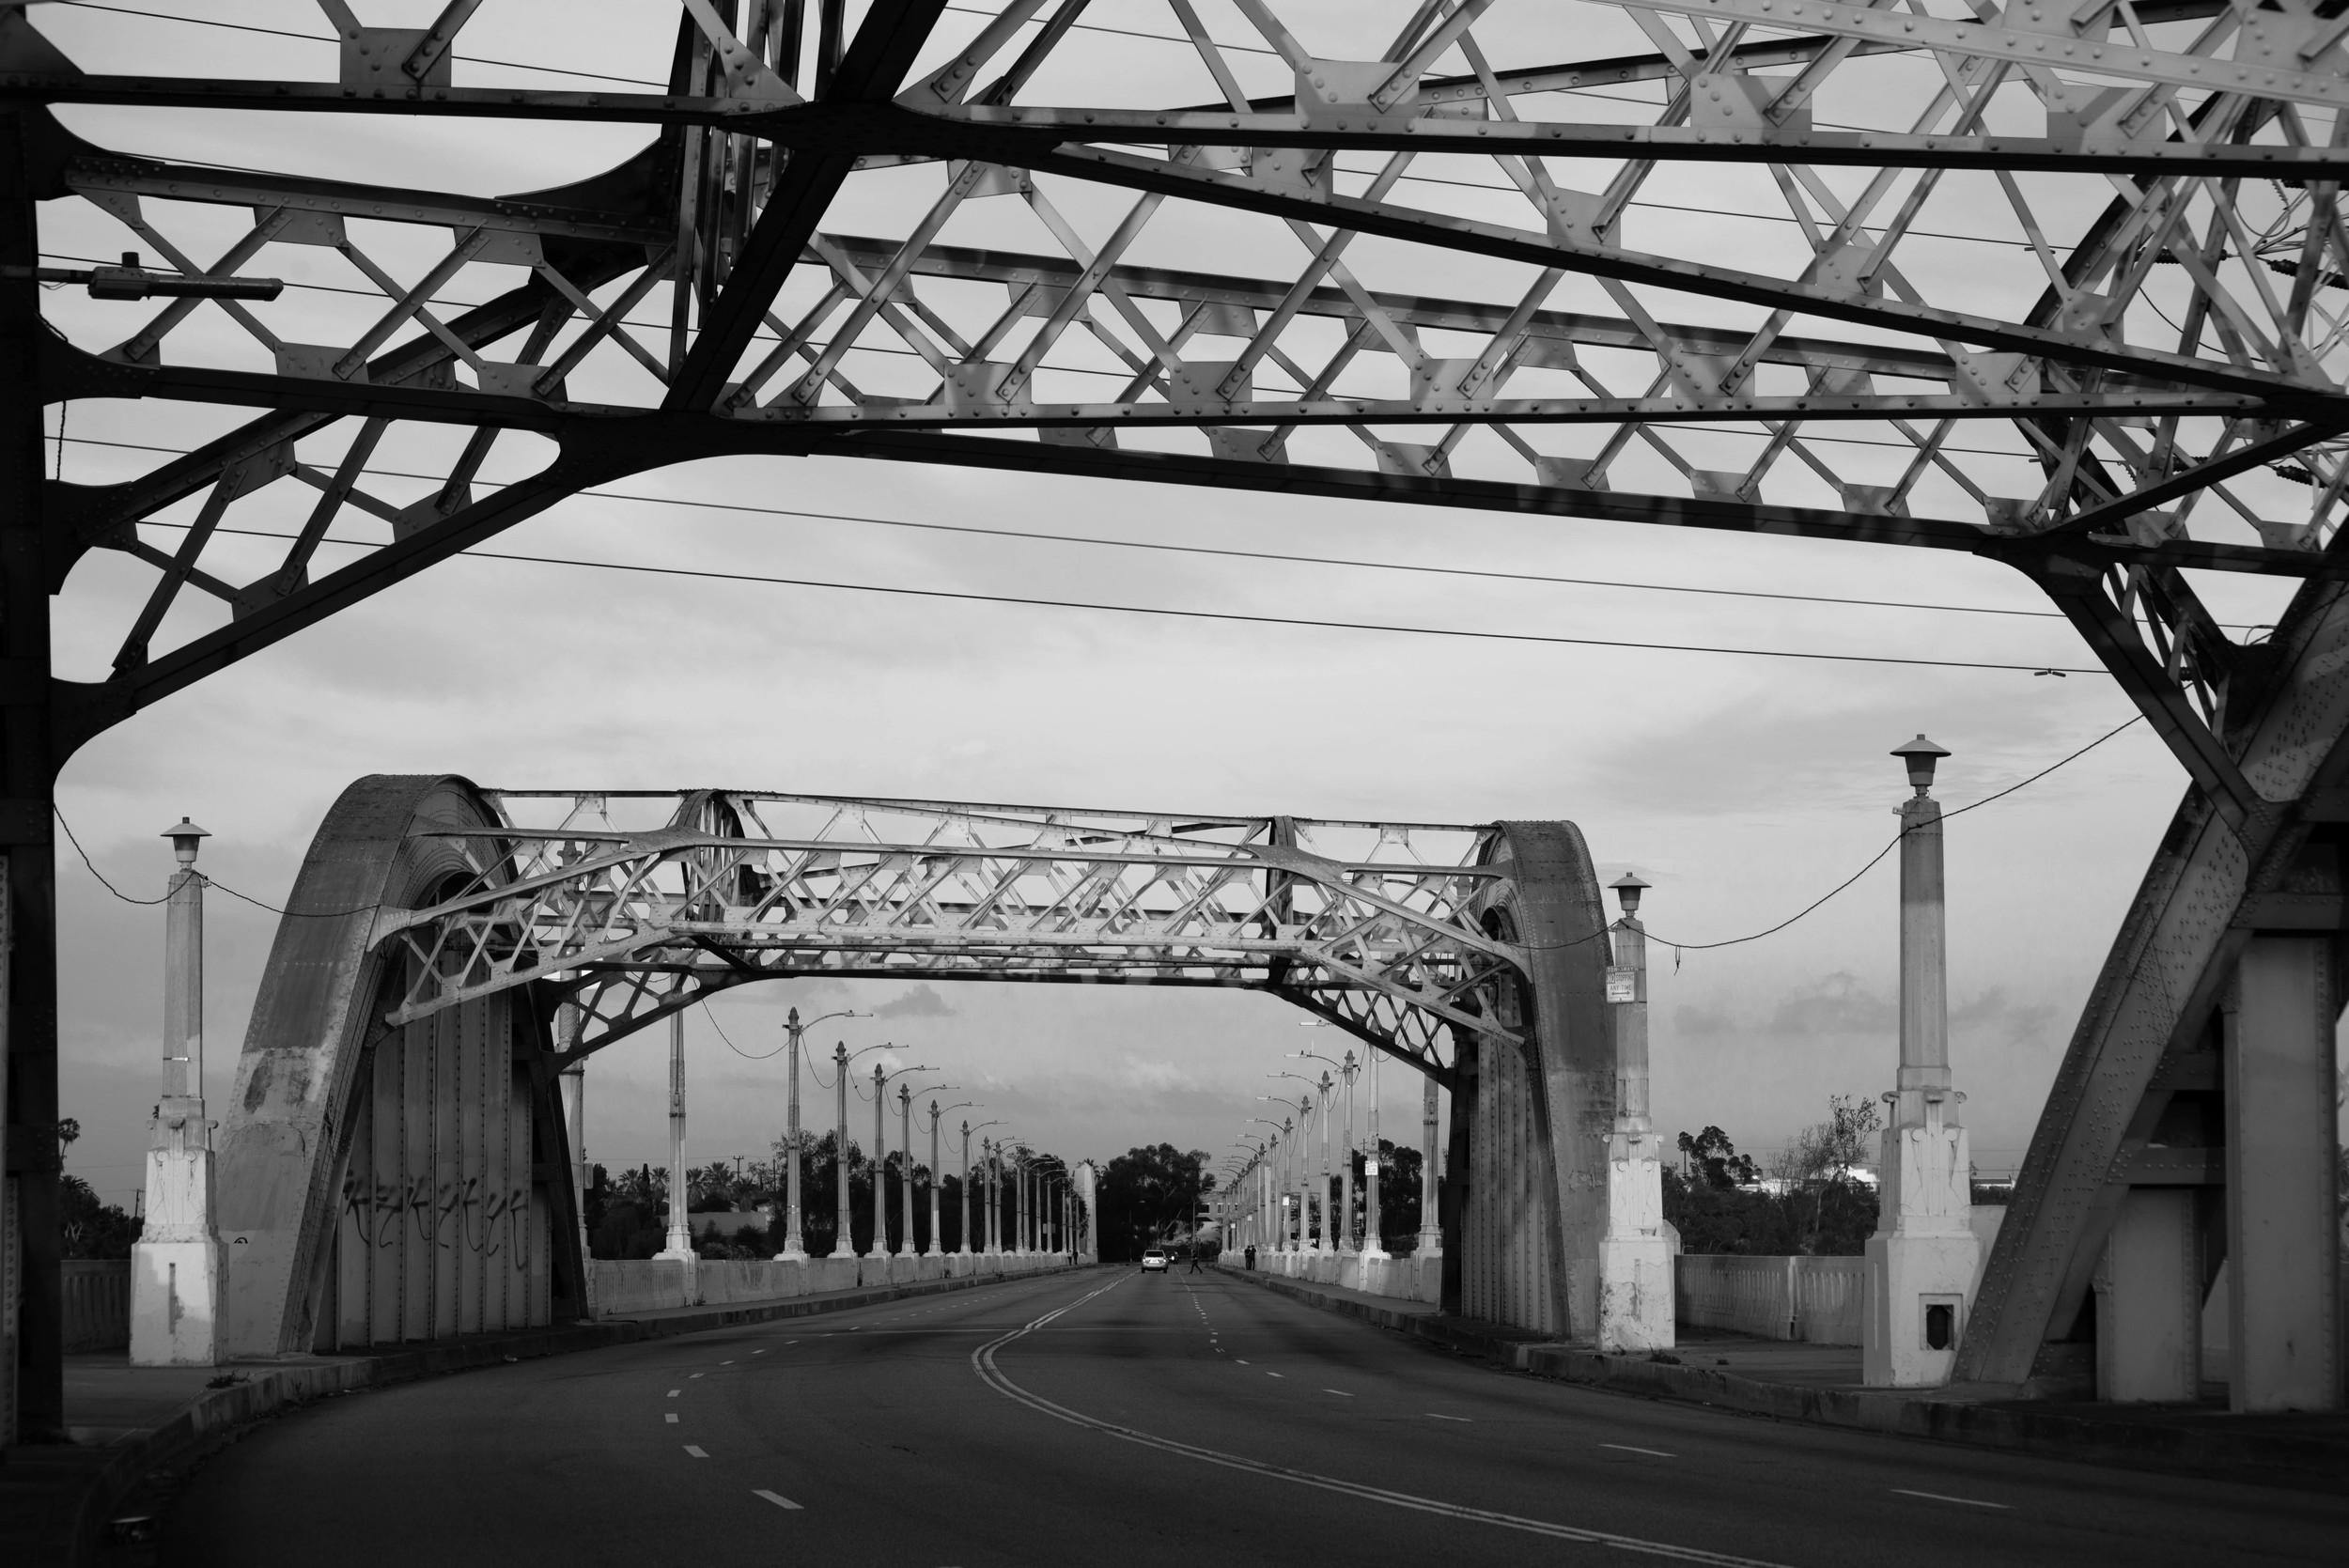 Connector Bridge